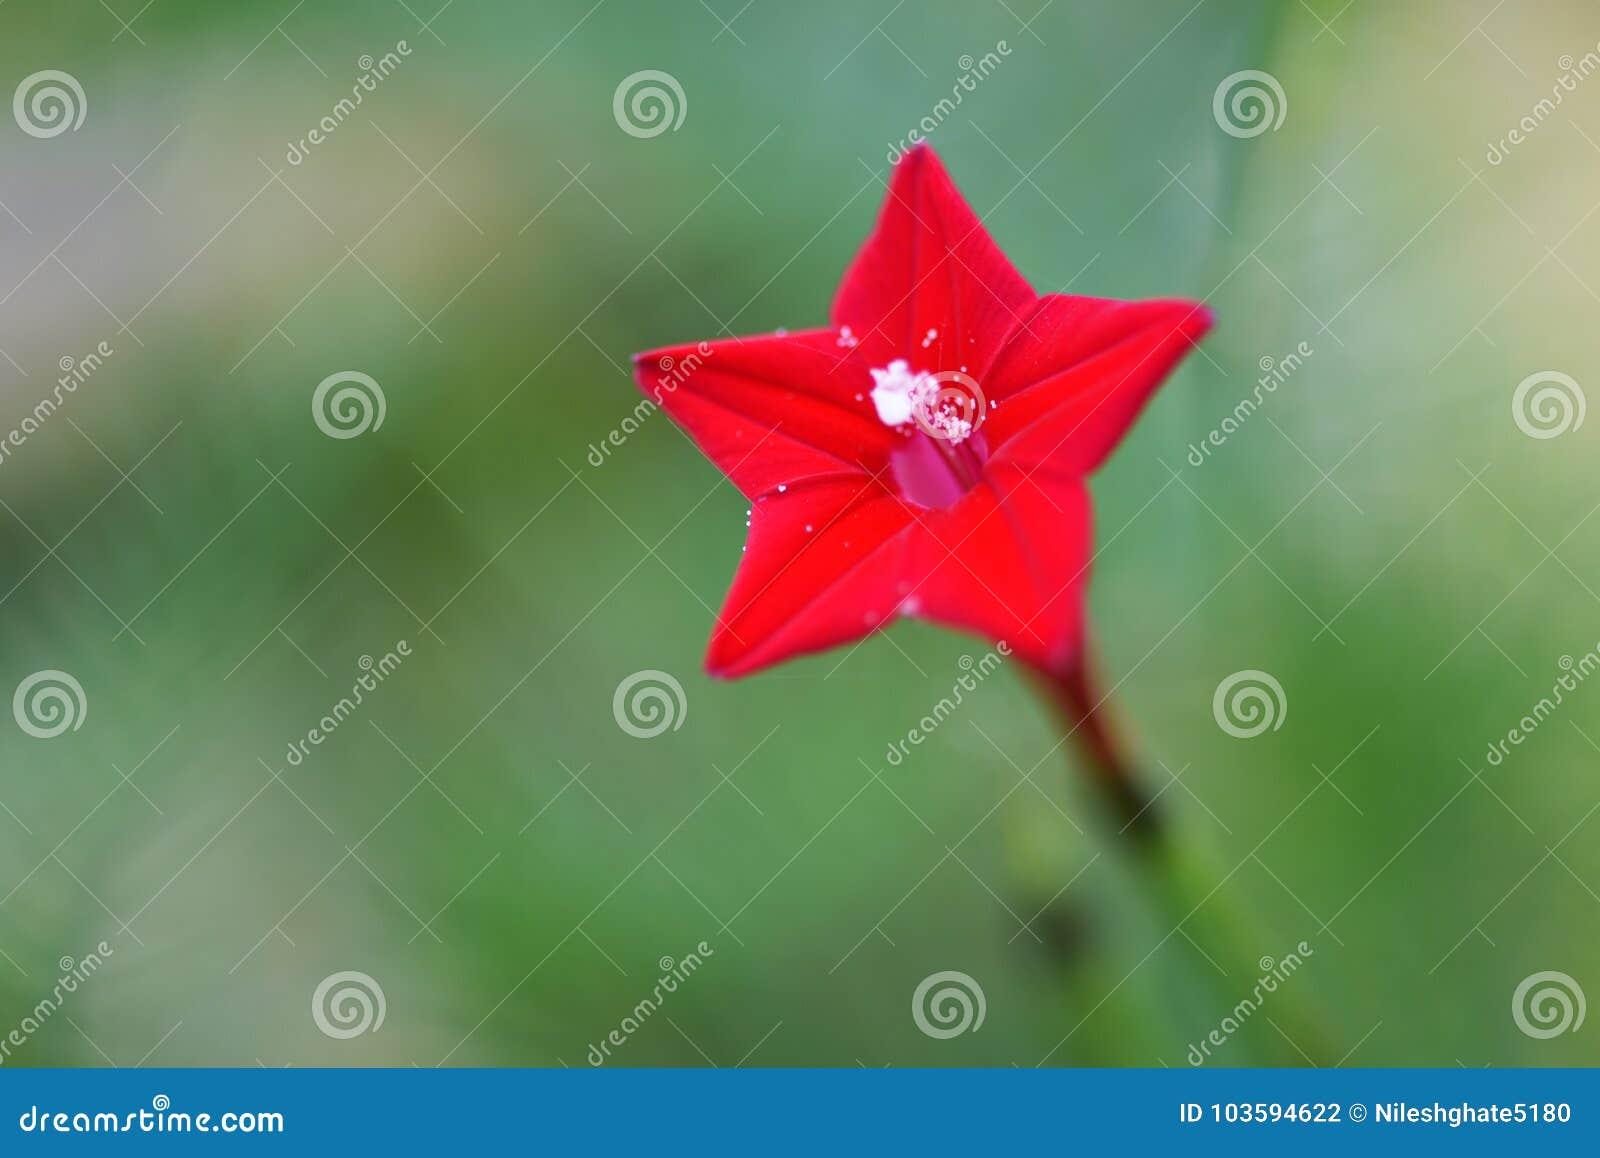 Belle Fleur Rouge Unique D Etoile Photo Stock Image Du Pour Fleur